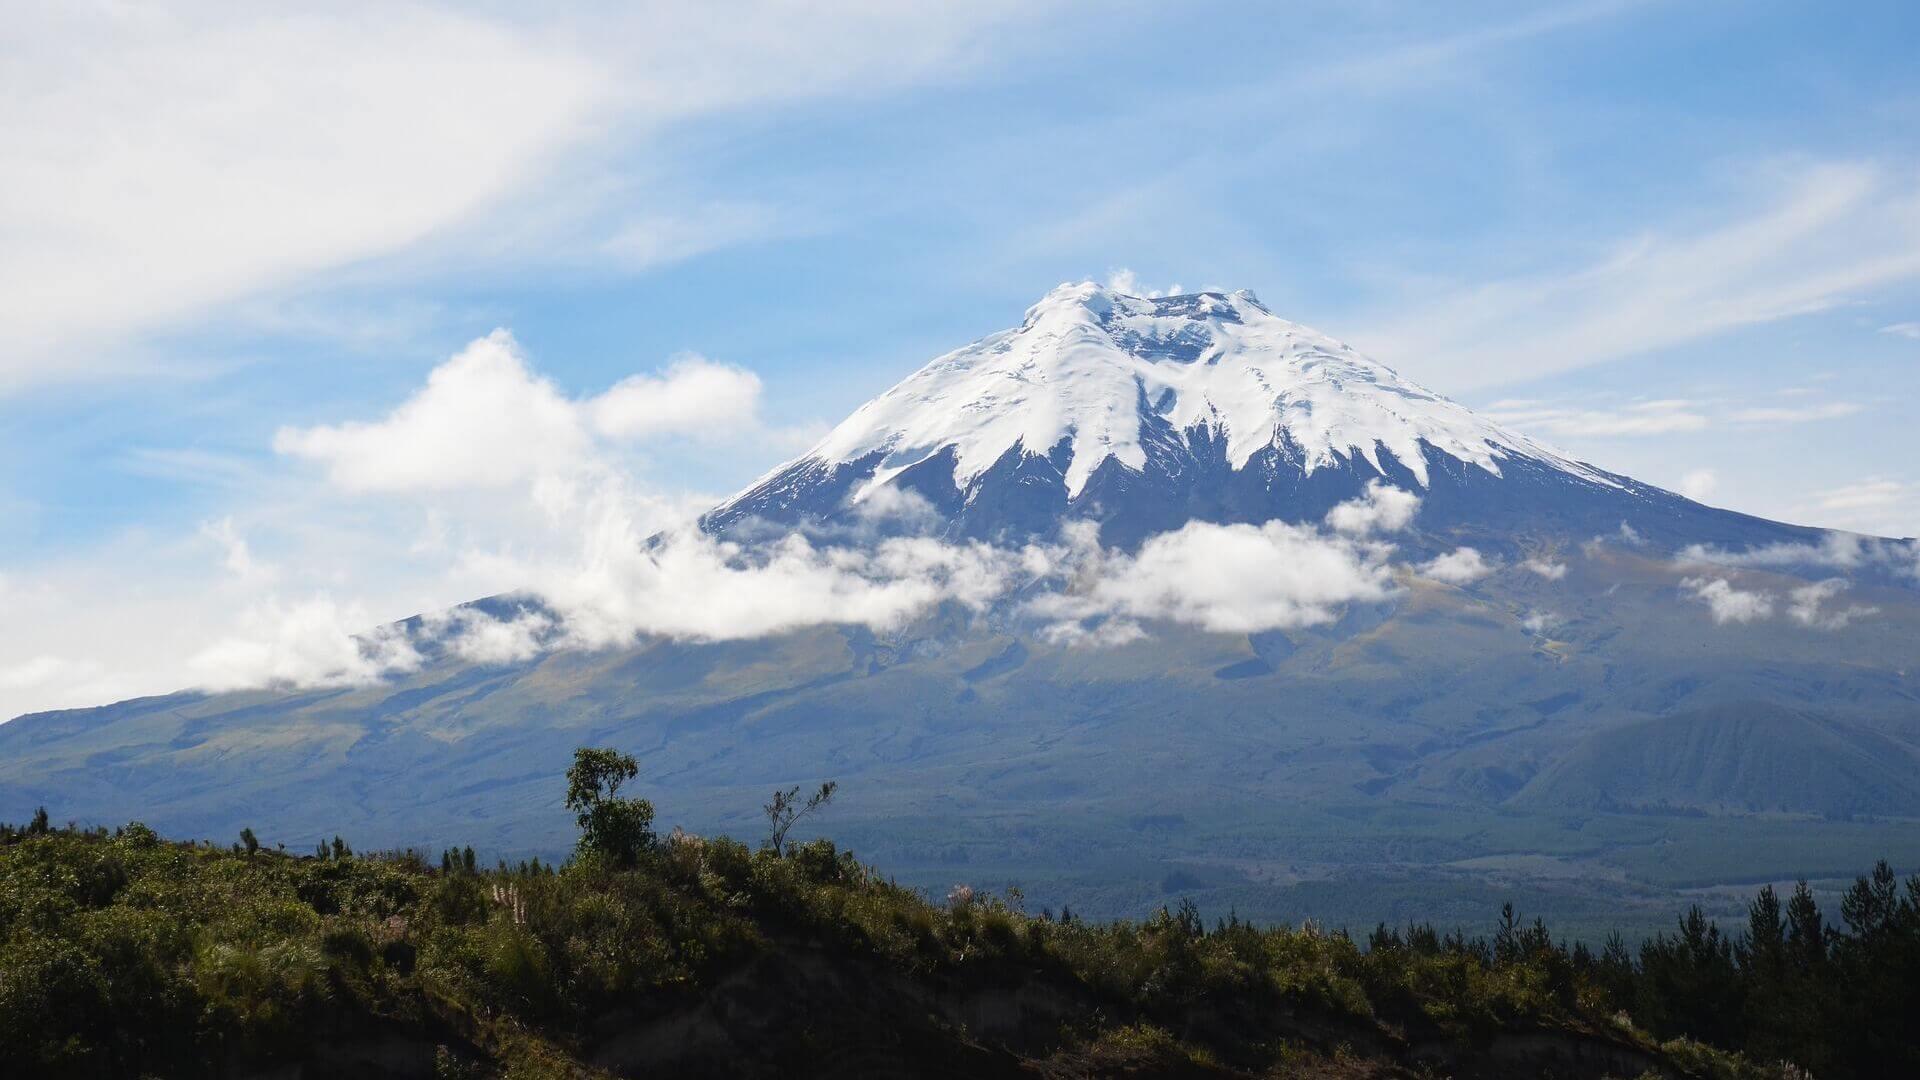 Besneeuwde bergtop van de Cotopaxi vulkaan in Ecuador